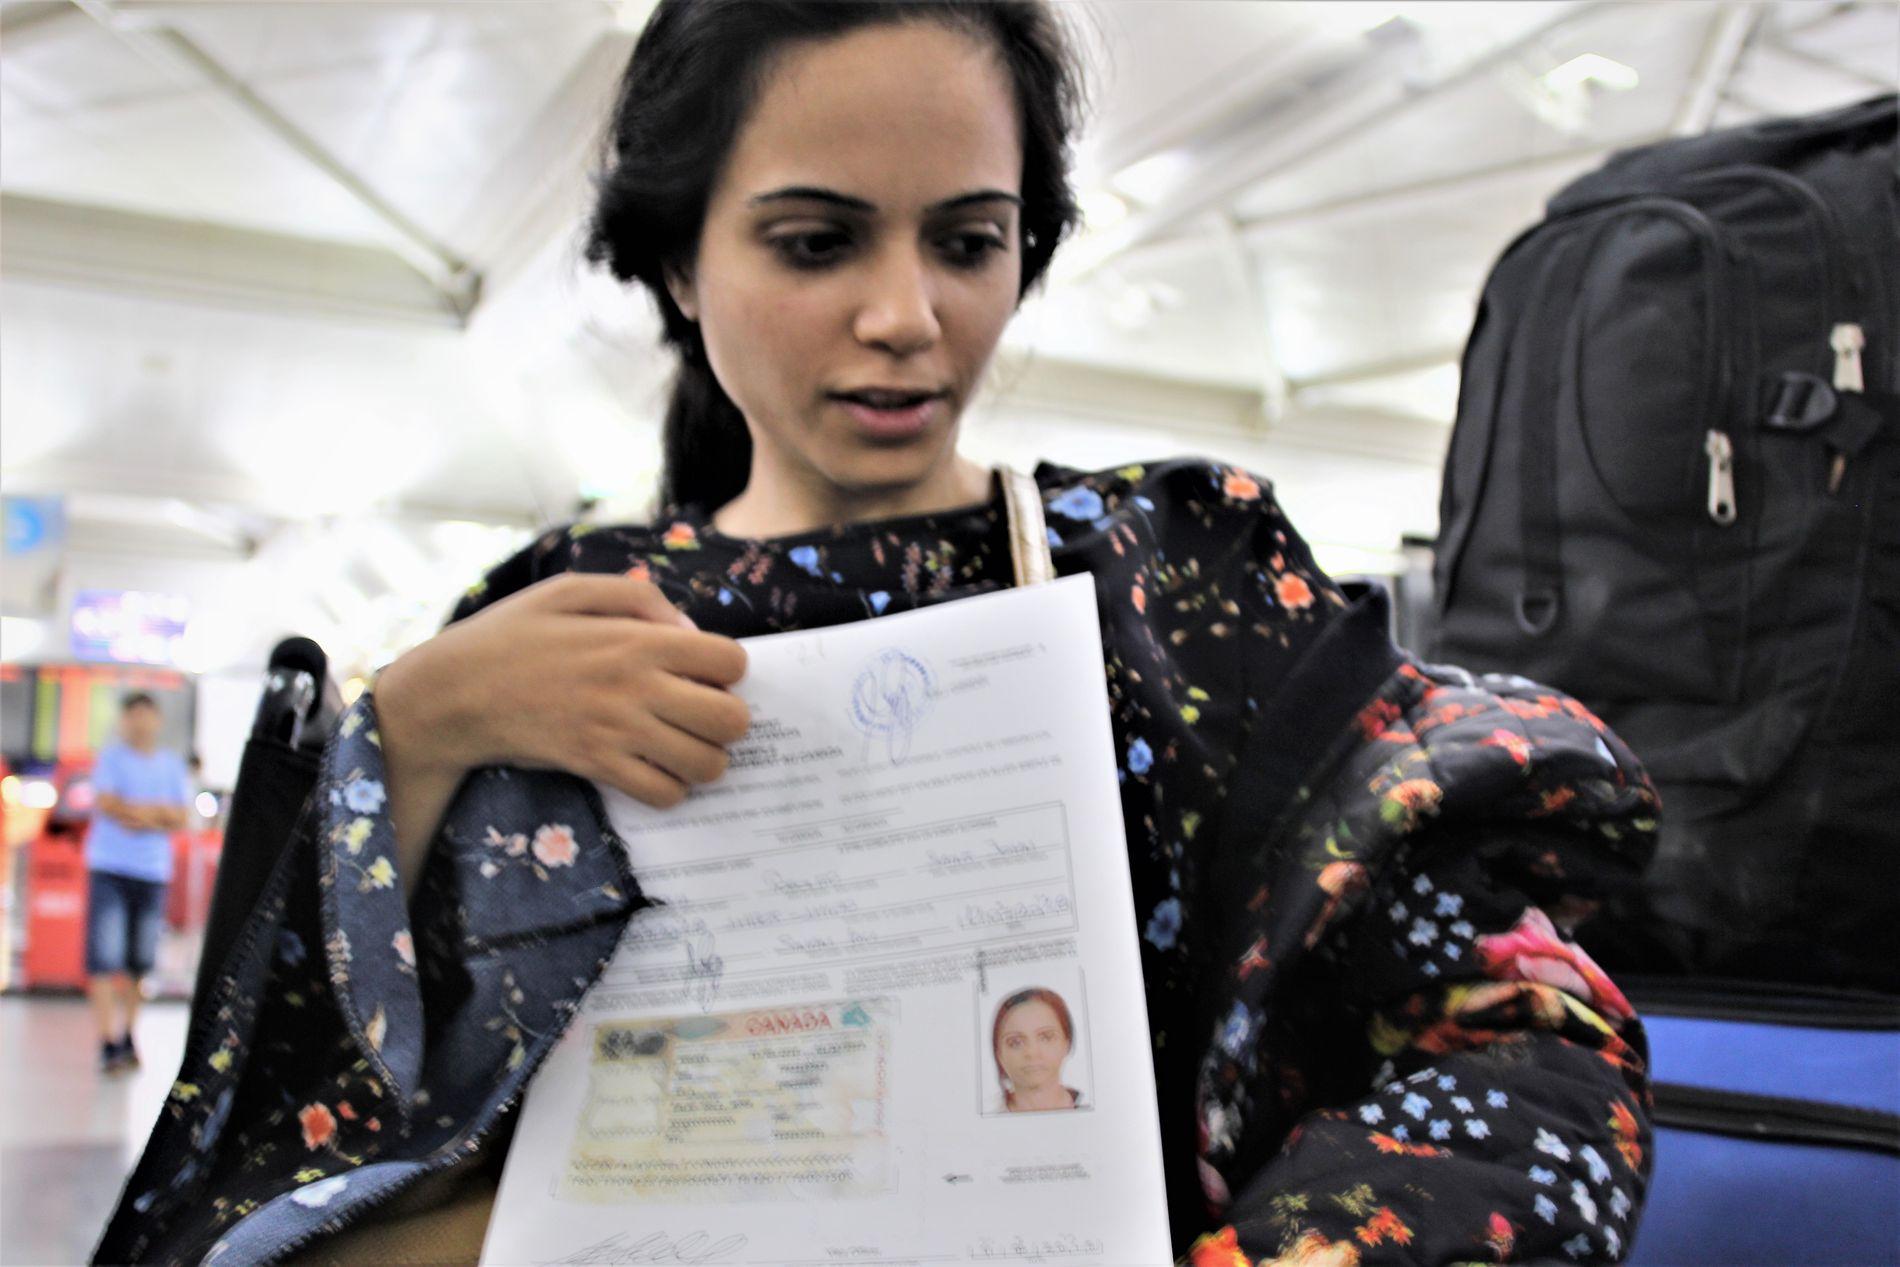 ENDELIG: Noor får utlevert beviset fra IOM på at hun har tillatelse til å dra til Canada.